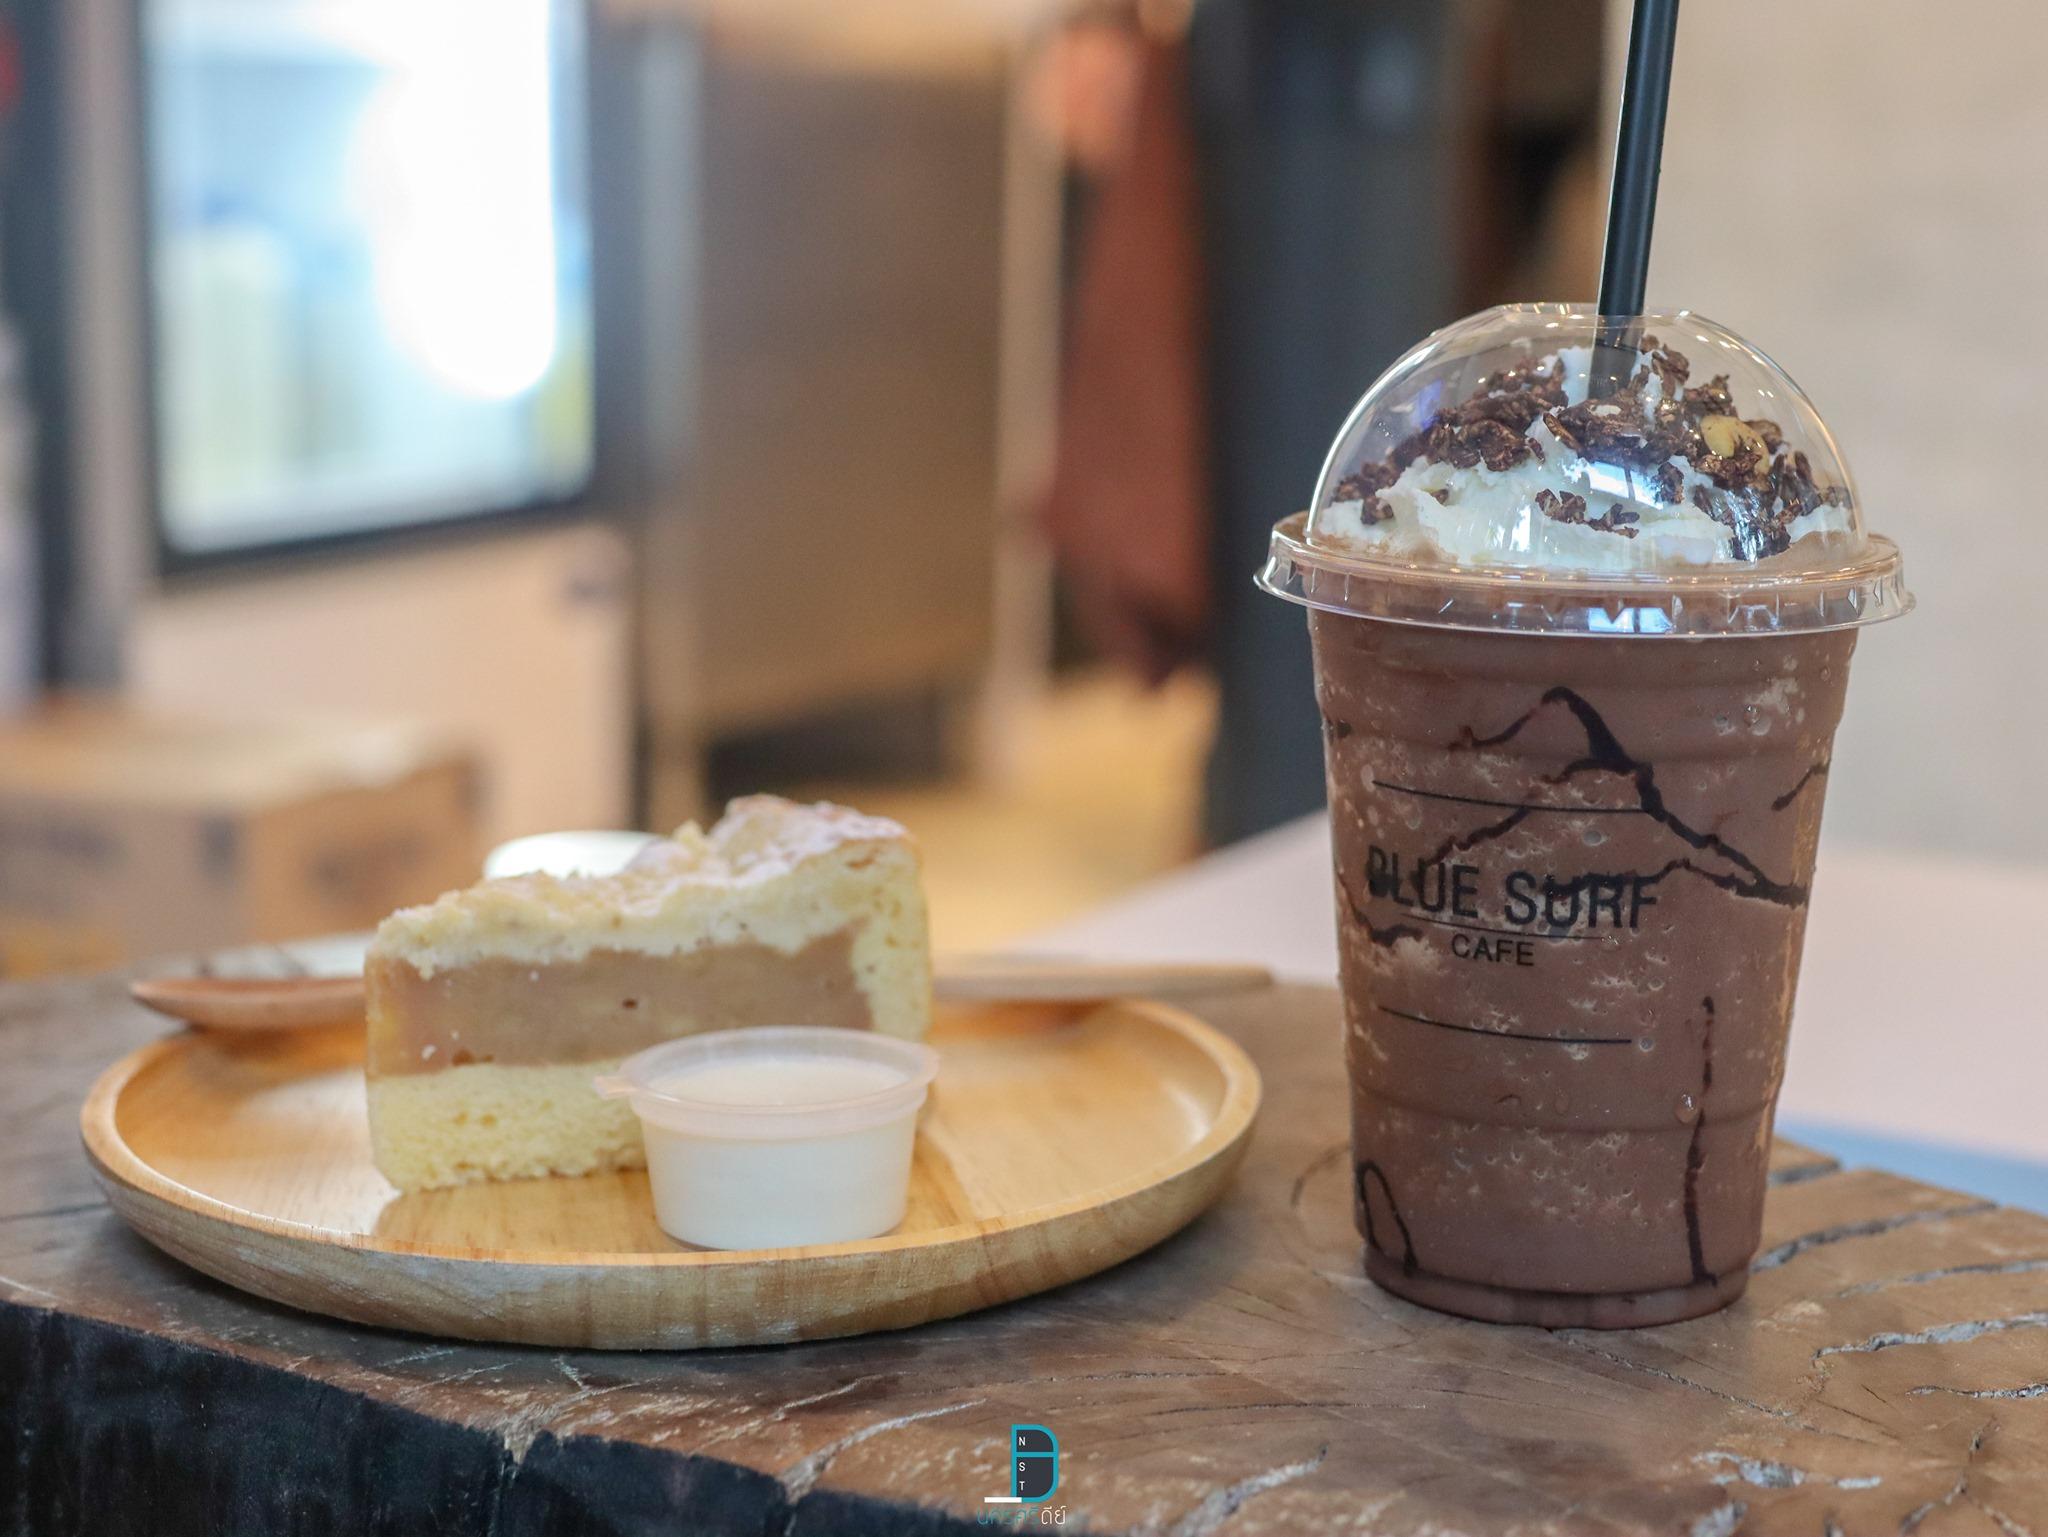 ช็อกโกแลตปั่นสุดเข้ม Blue Surf Cafeชาเขียว,มัจฉะ,โกโก้,อร่อยเด็ด,ช็อกโกแลต